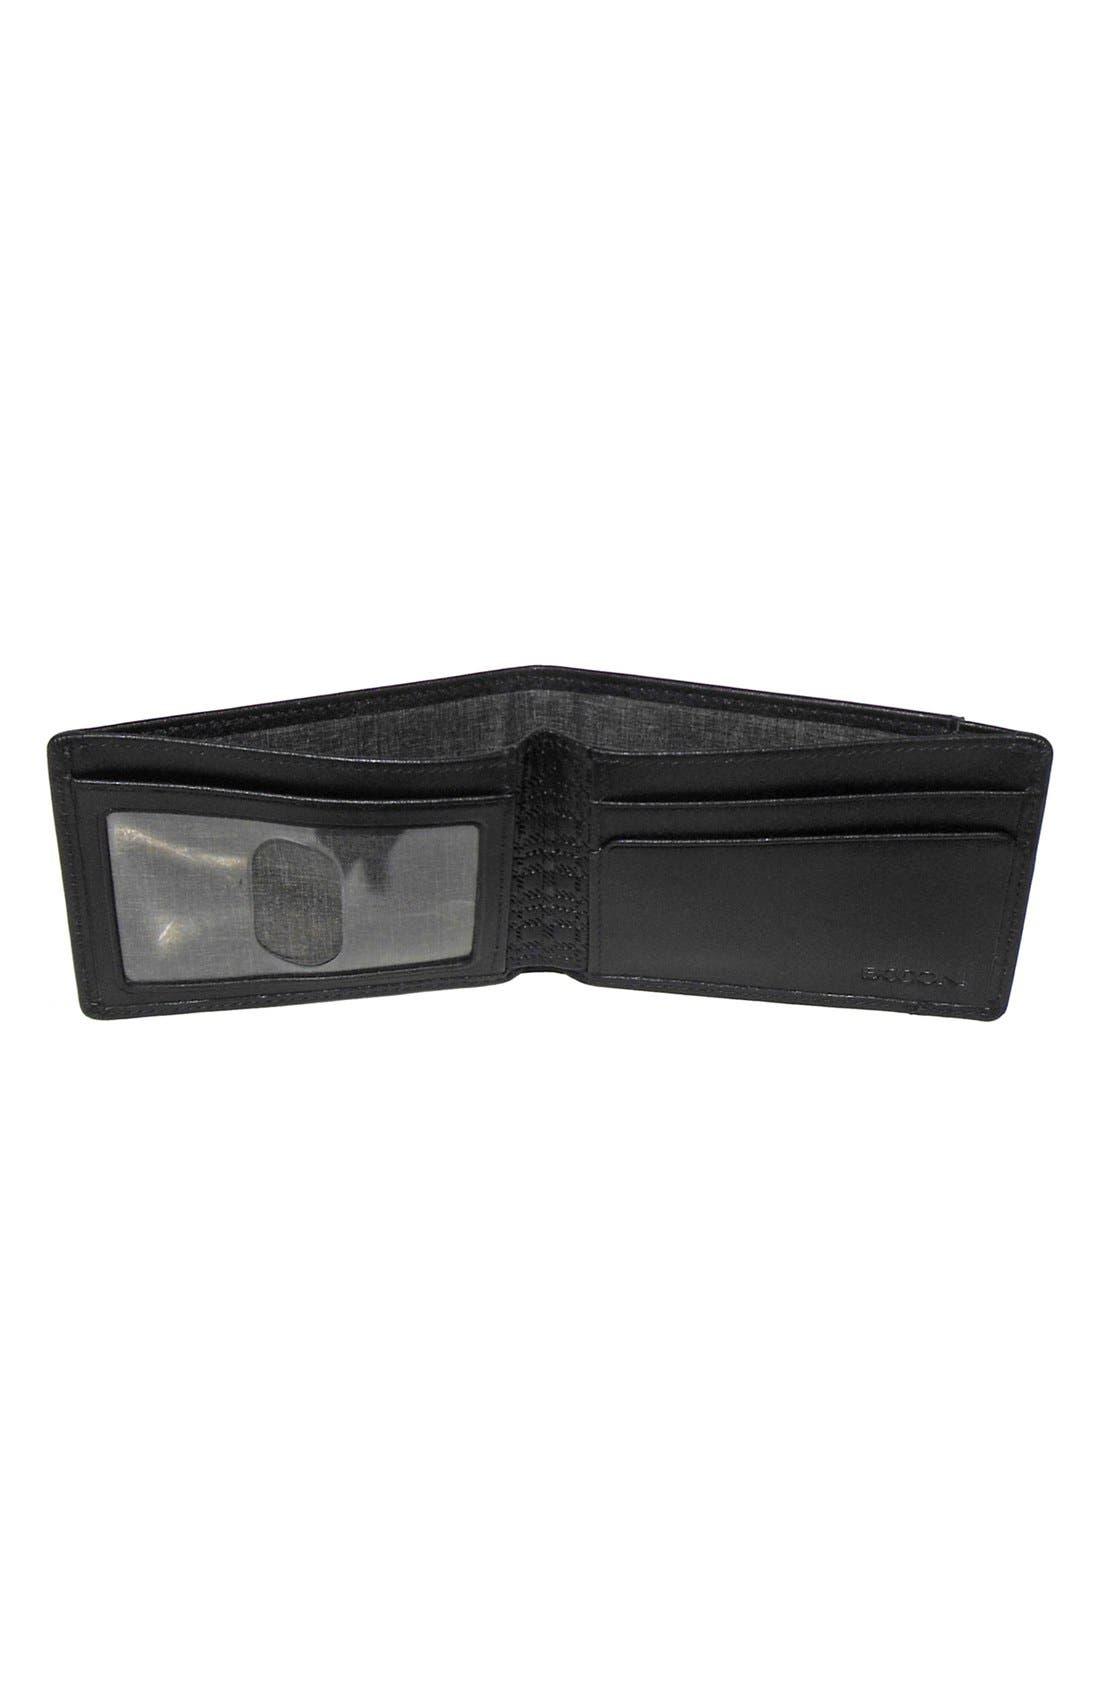 'Grant Slimster' RFID Blocker Leather Wallet,                             Alternate thumbnail 3, color,